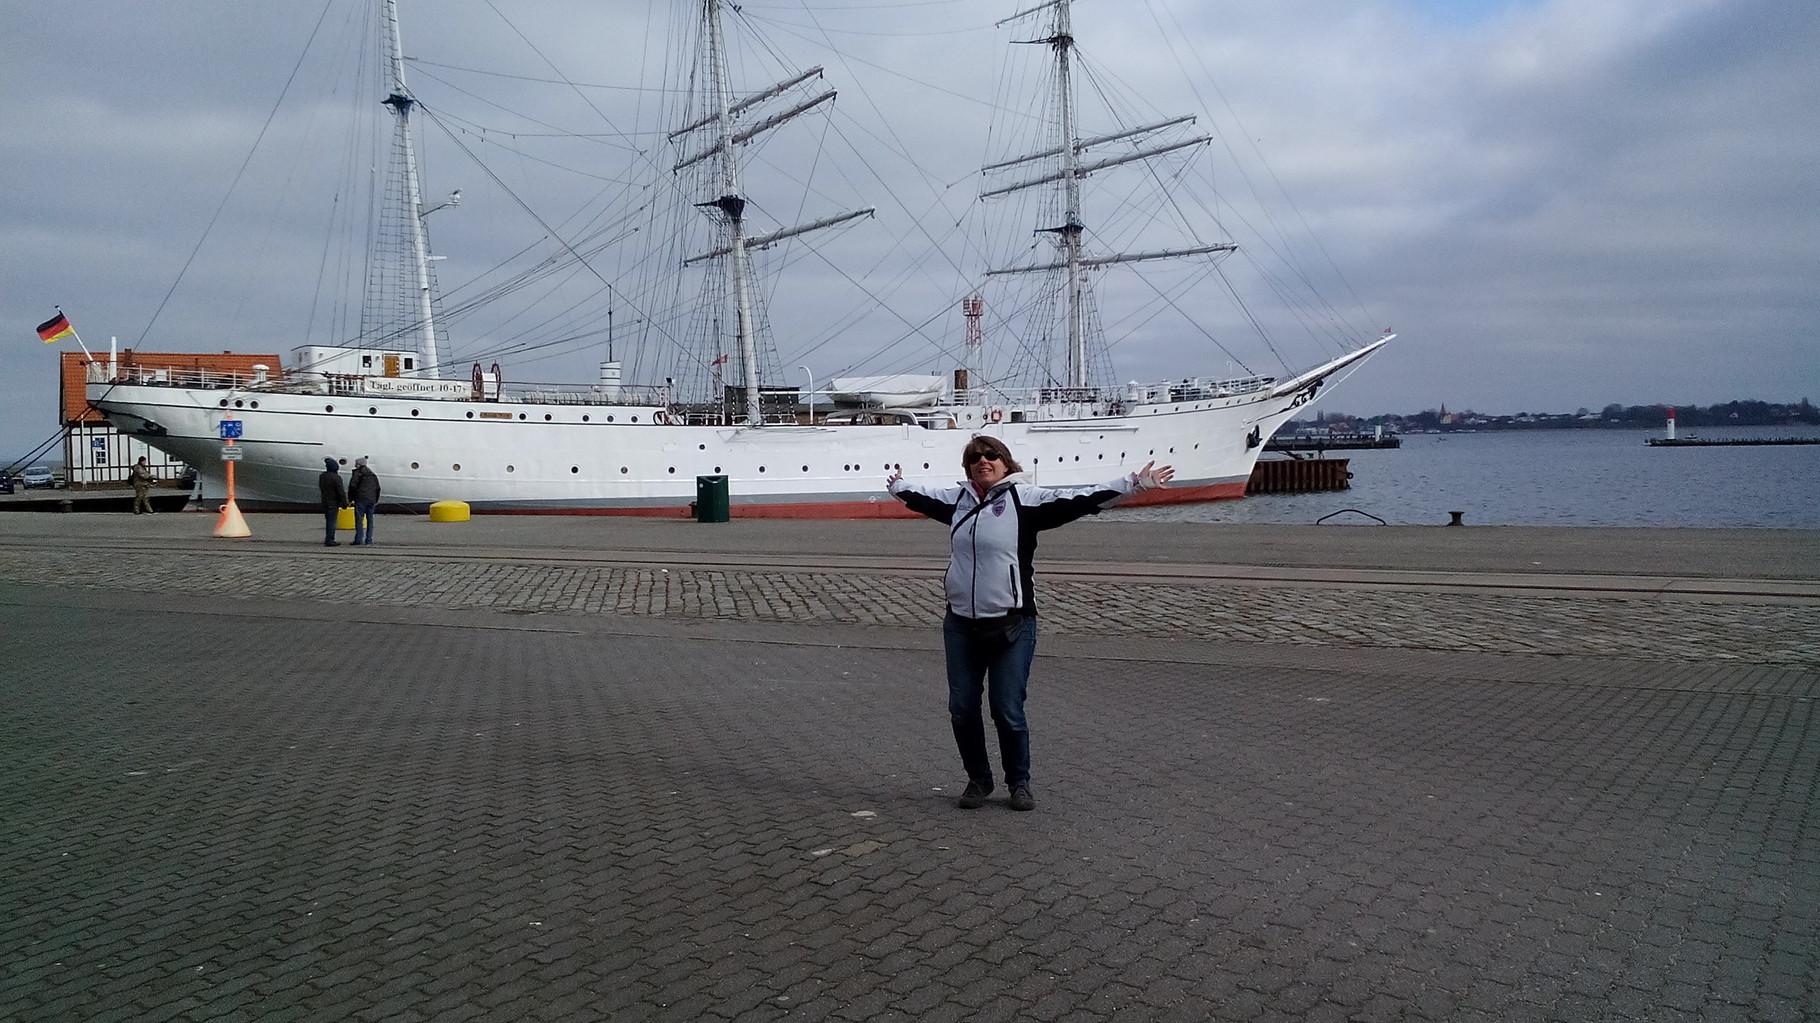 Die Gorch Fock in Stralsund 15 km von uns